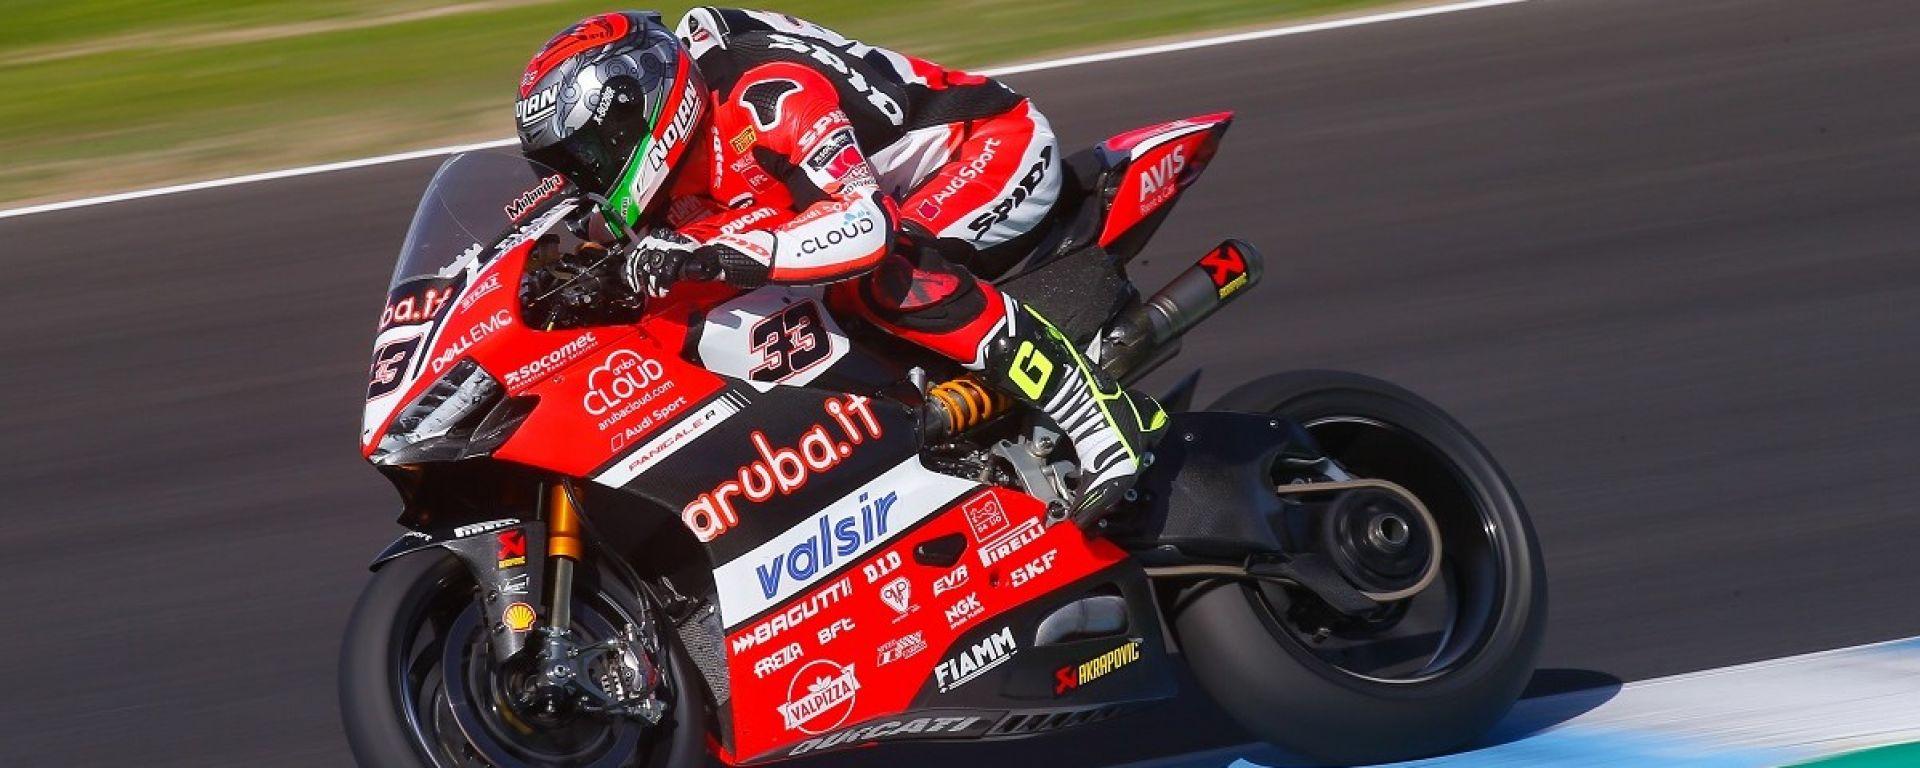 SBK MotoGP 2018, Test Jerez: la Ducati si impone grazie a Dovizioso e Melandri - MotorBox